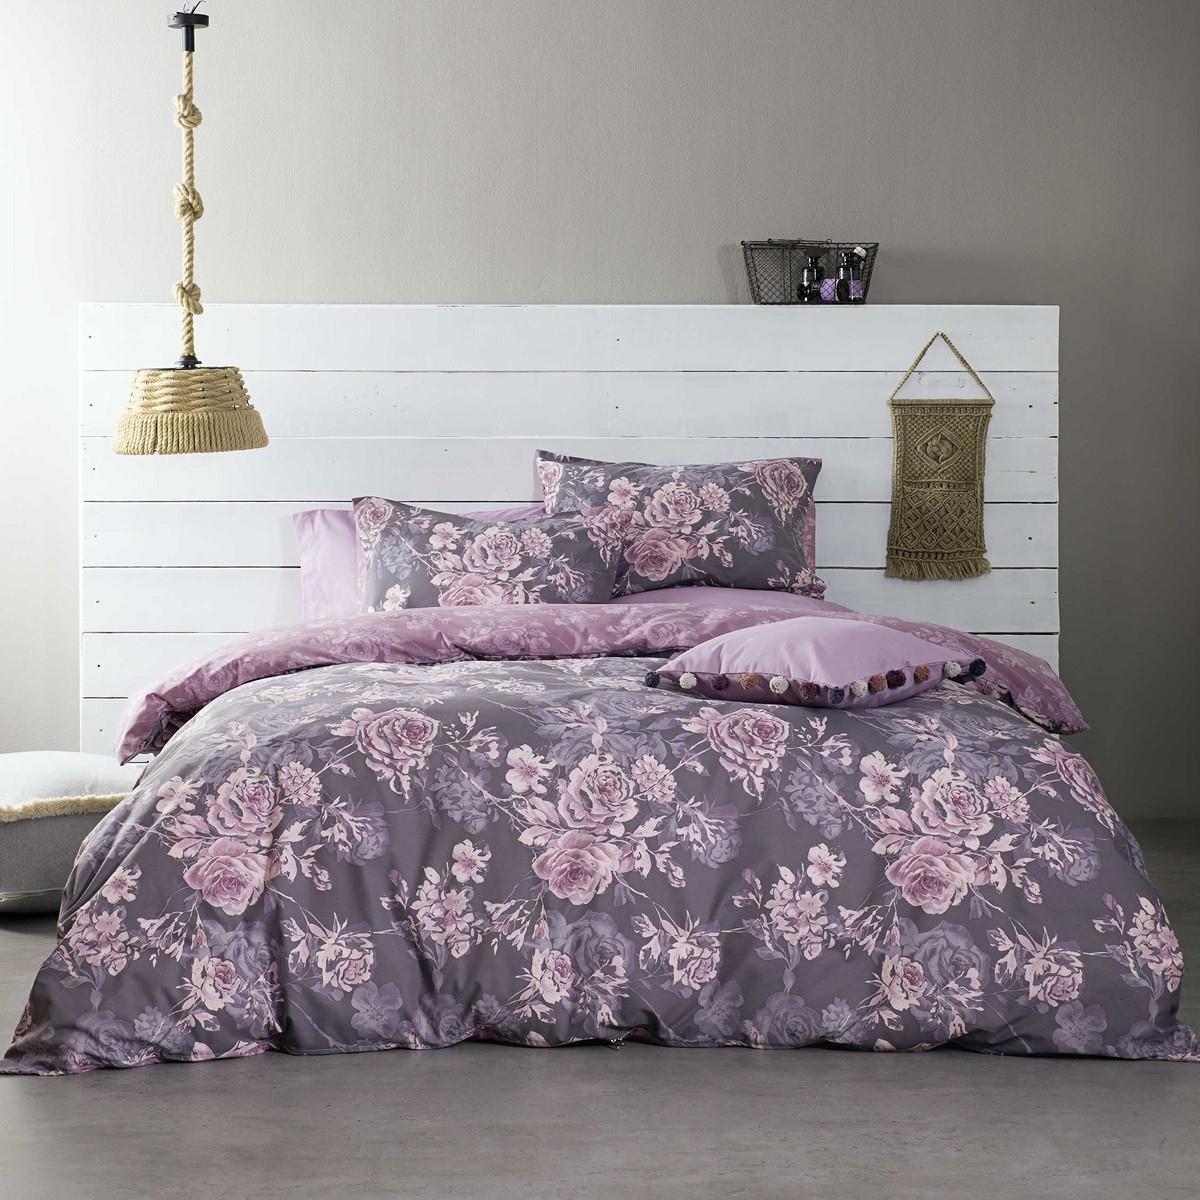 Σεντόνια Ημίδιπλα (Σετ) Nima Bed Linen Carmen Purple